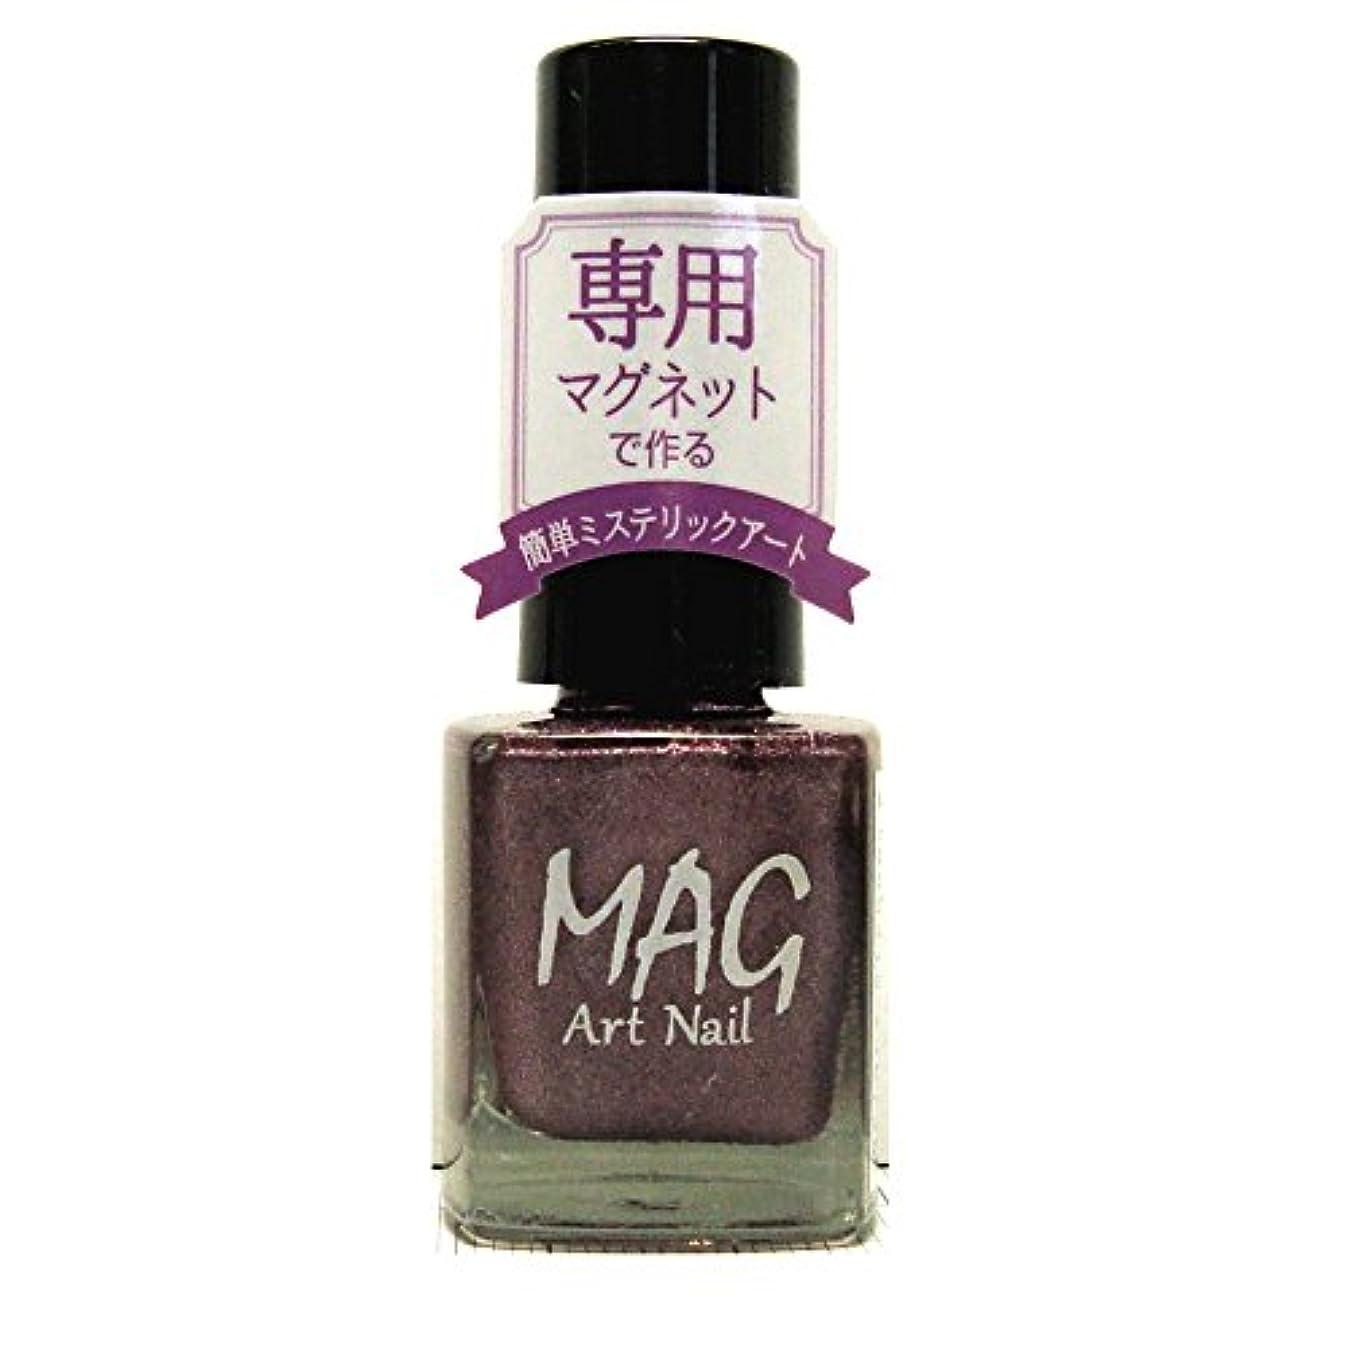 快い先例抜け目のないTMマグアートネイル(爪化粧料) TMMA1606 グレースフルグレー